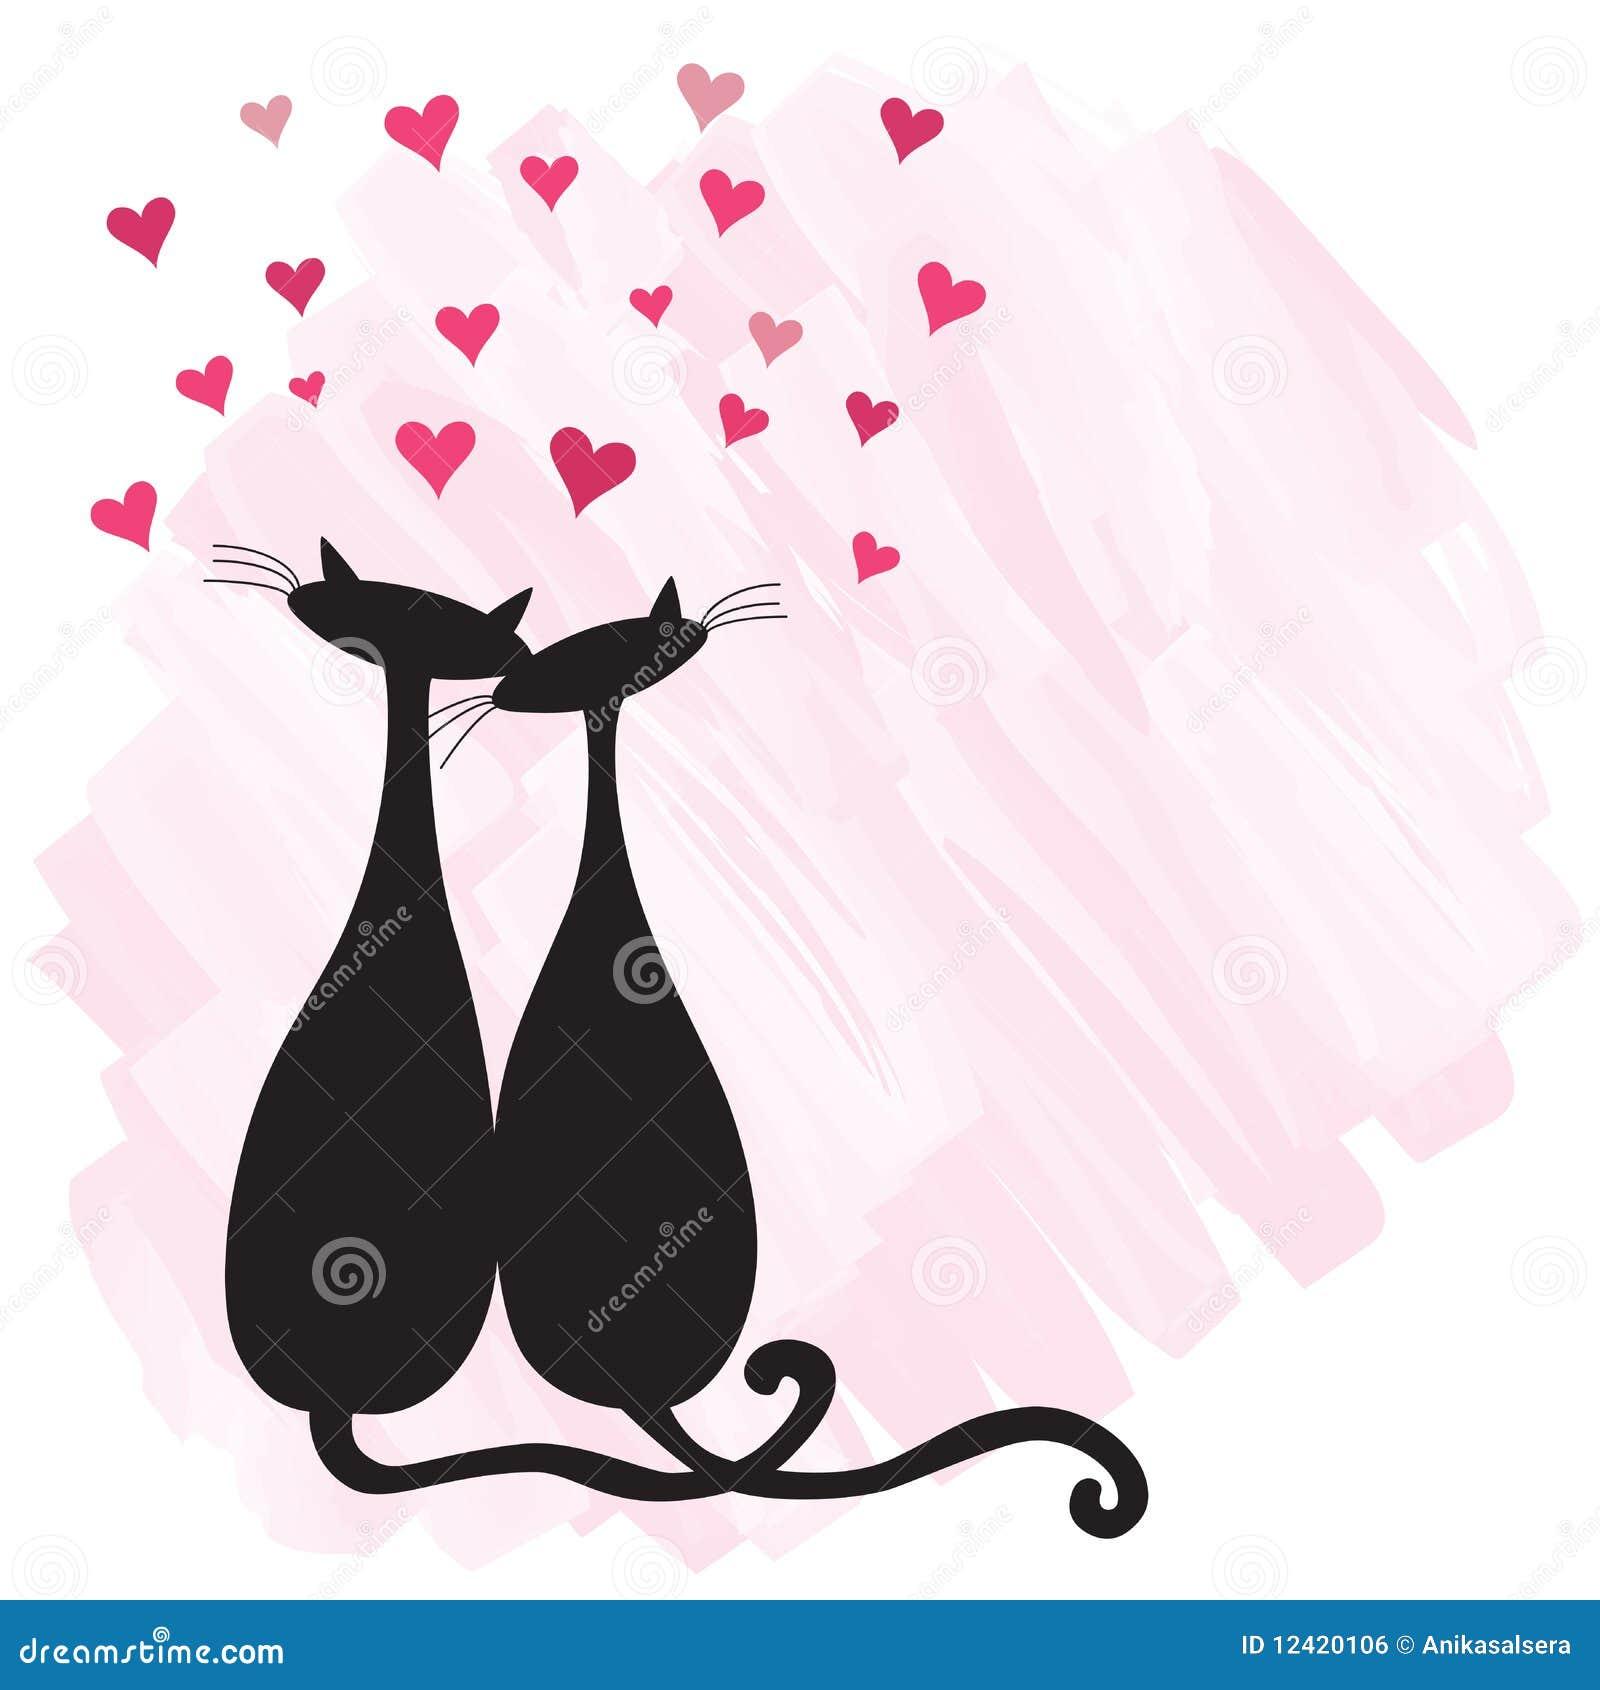 amor de silueta gato - photo #30